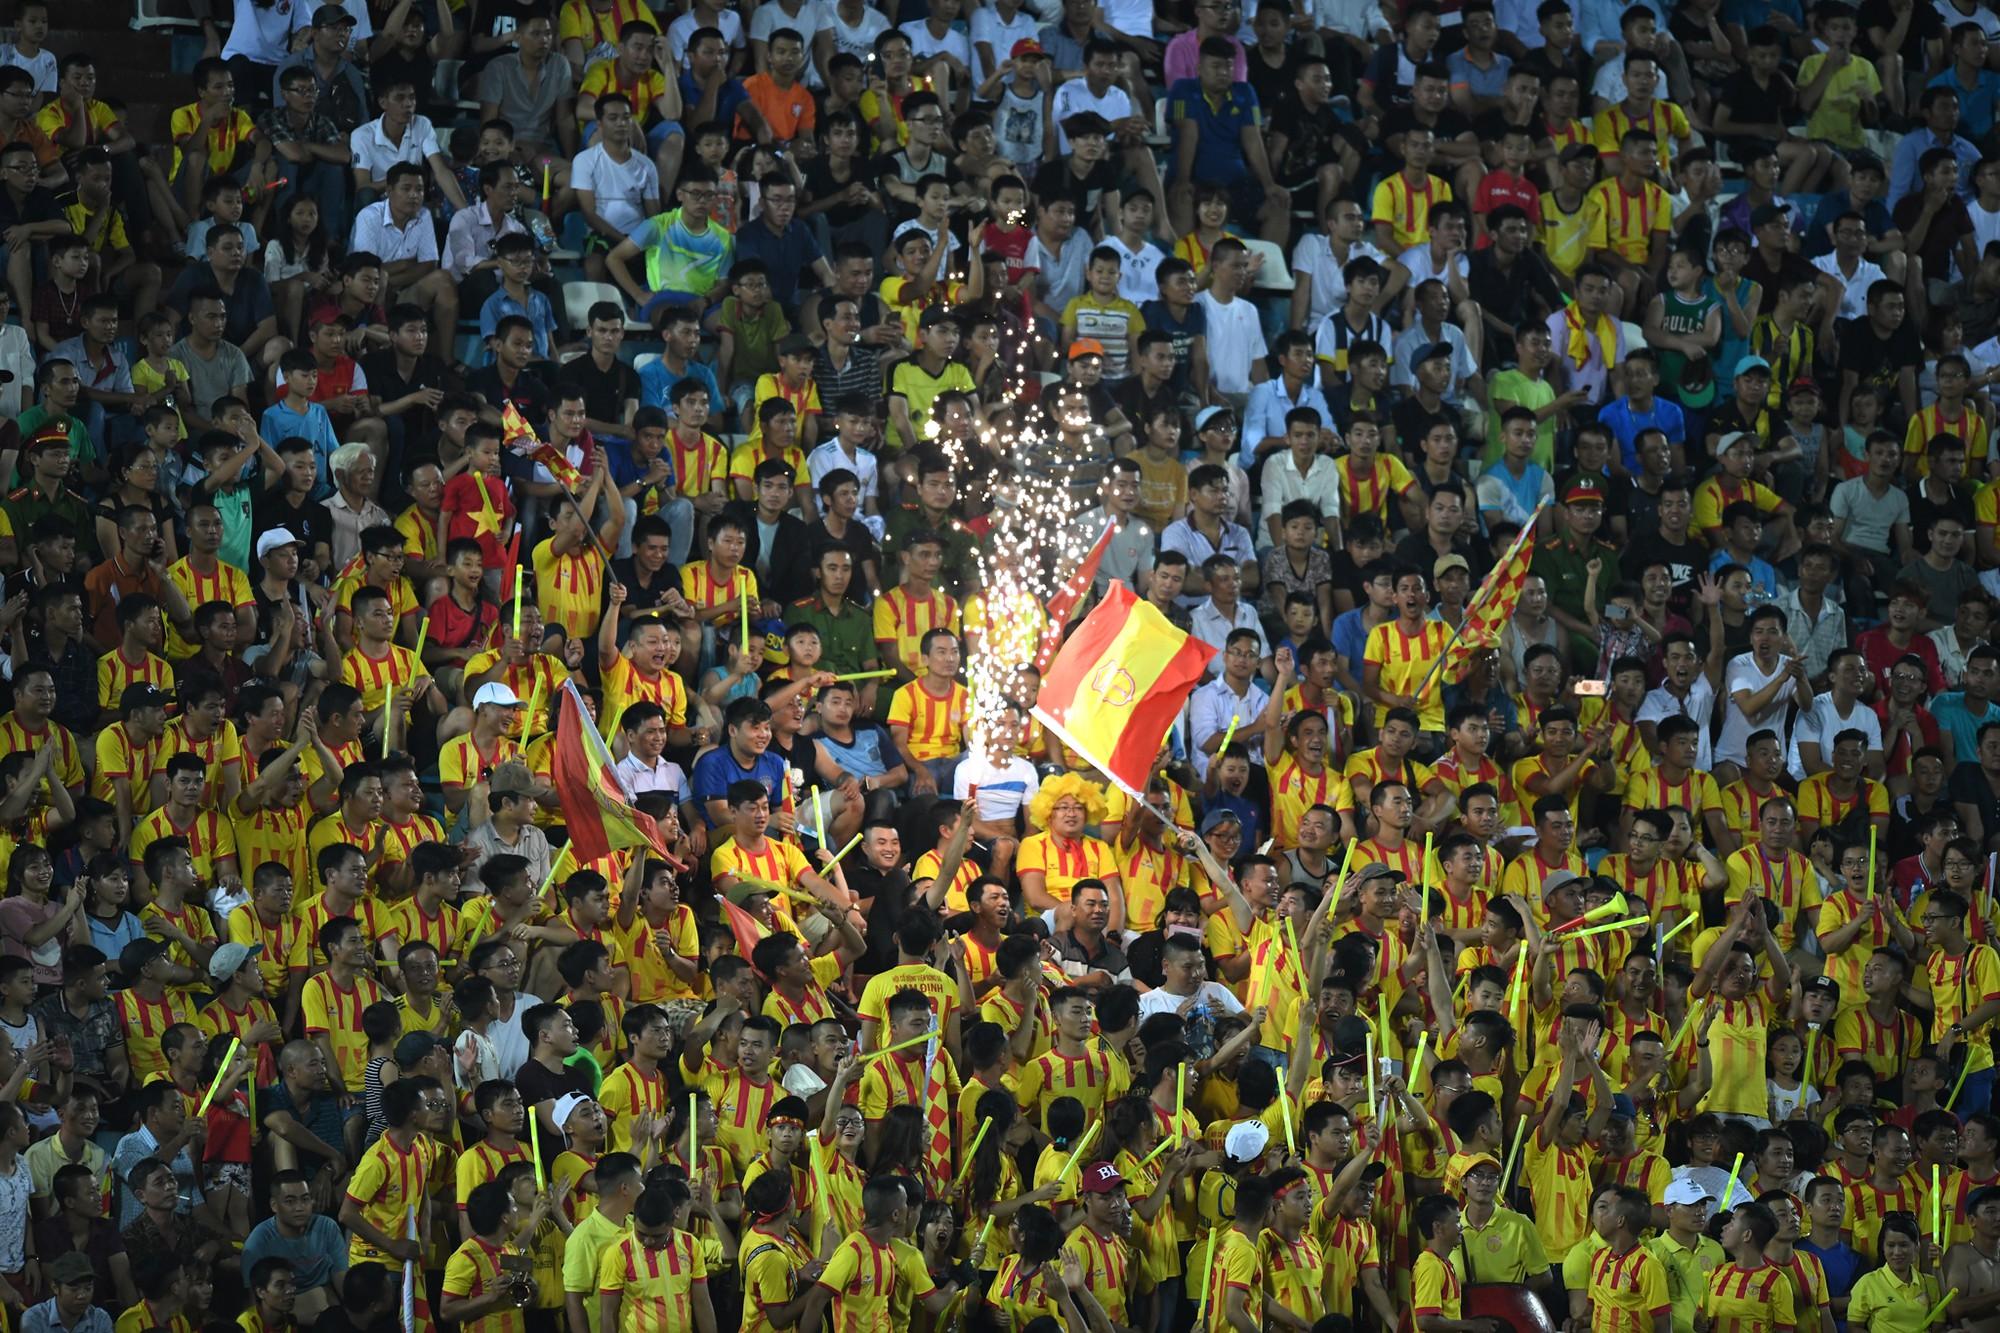 Hội CĐV Nam Định không được cấp phép tổ chức khu Fanzone ở vòng đấu 20 V-League - Ảnh 1.